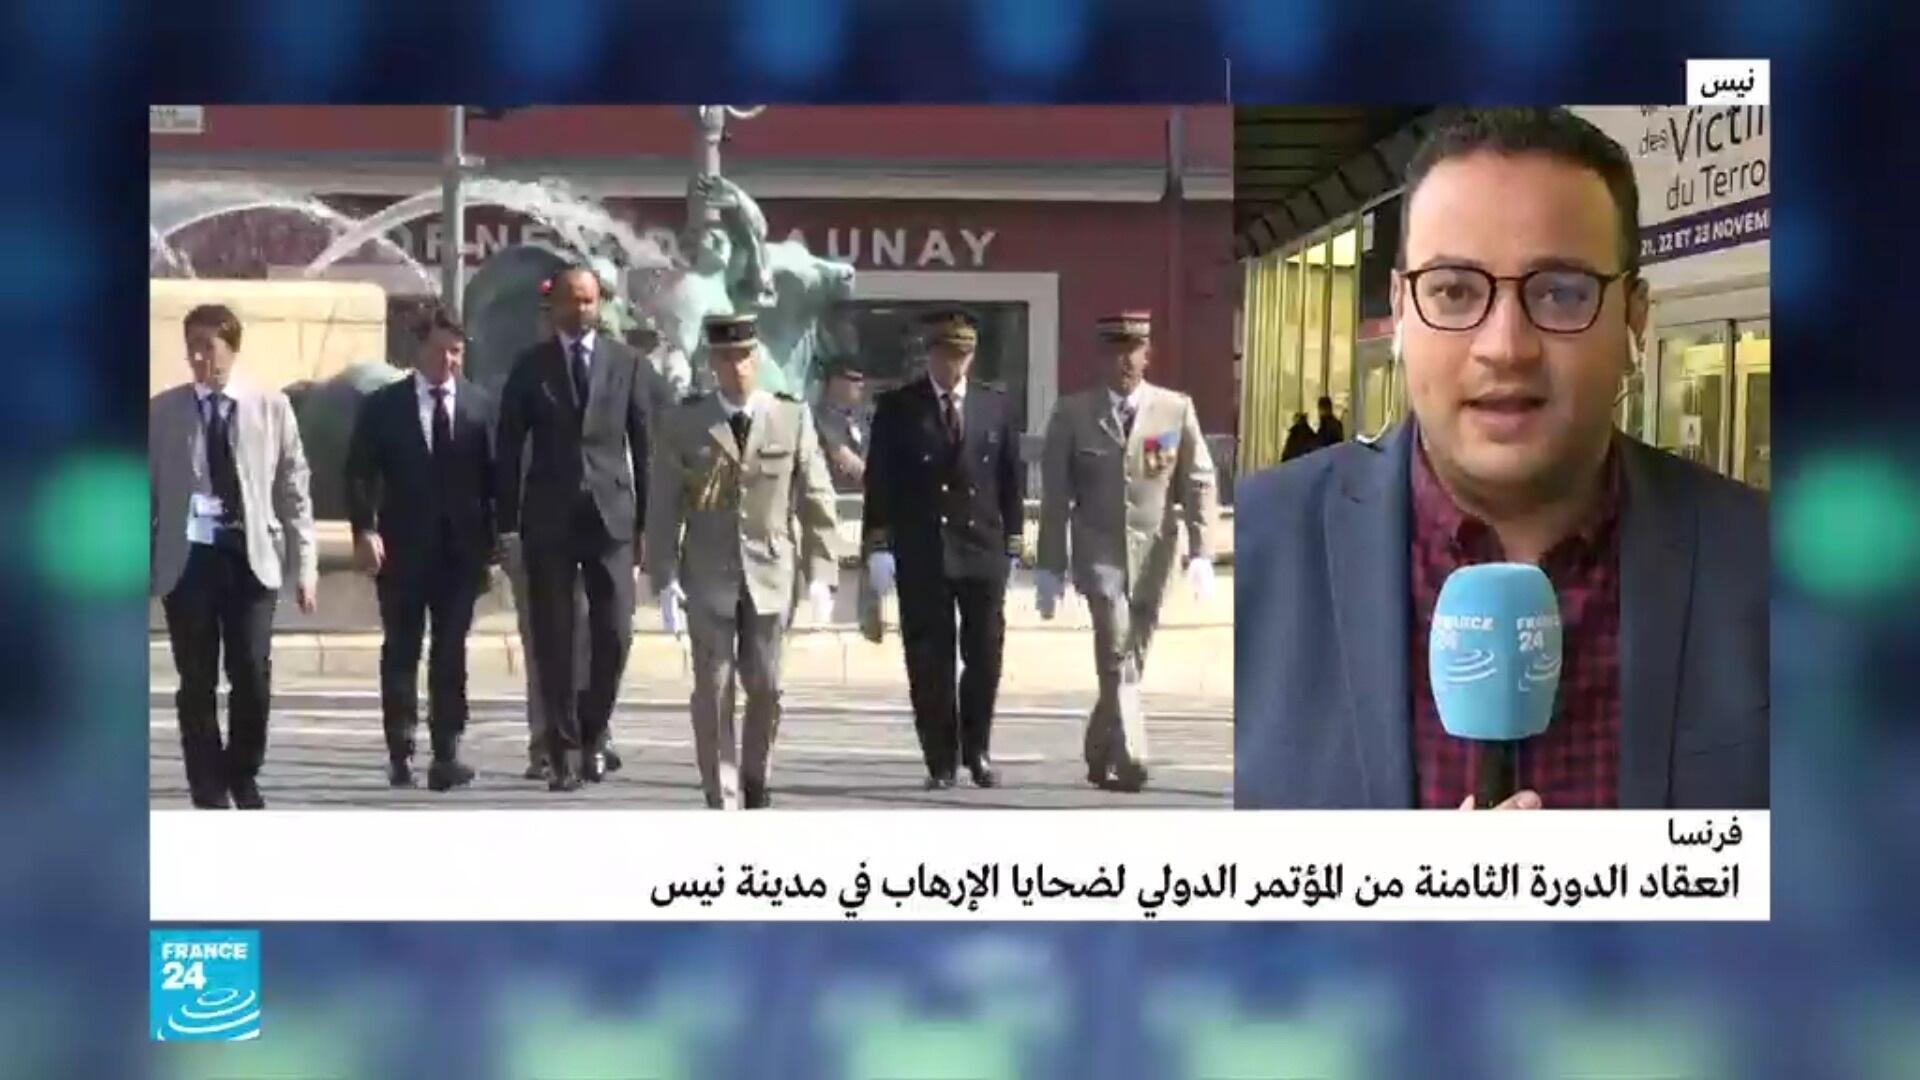 انعقاد الدورة الثامنة من المؤتمر الدولي لضحايا الإرهاب في نيس بفرنسا